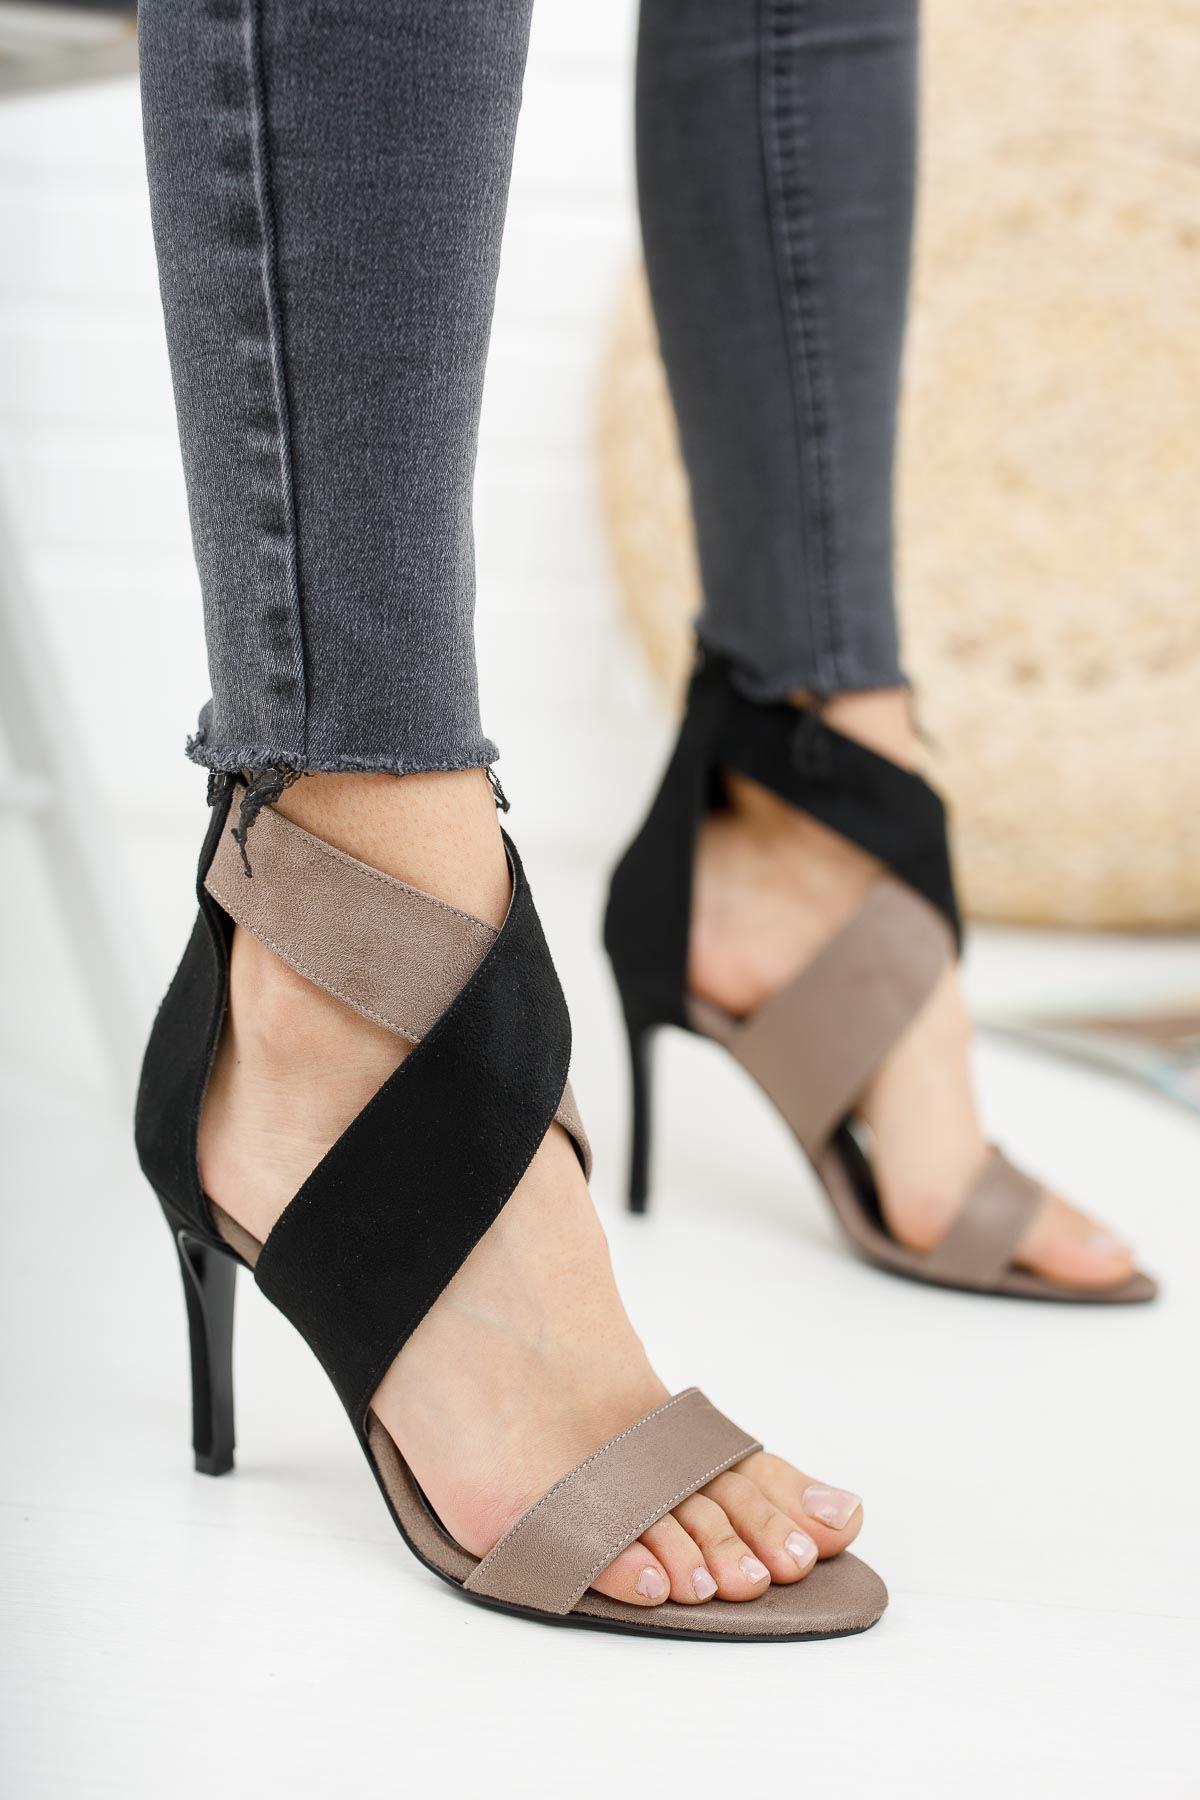 Bloom Siyah Gri Süet Topuklu  Kadın Ayakkabı